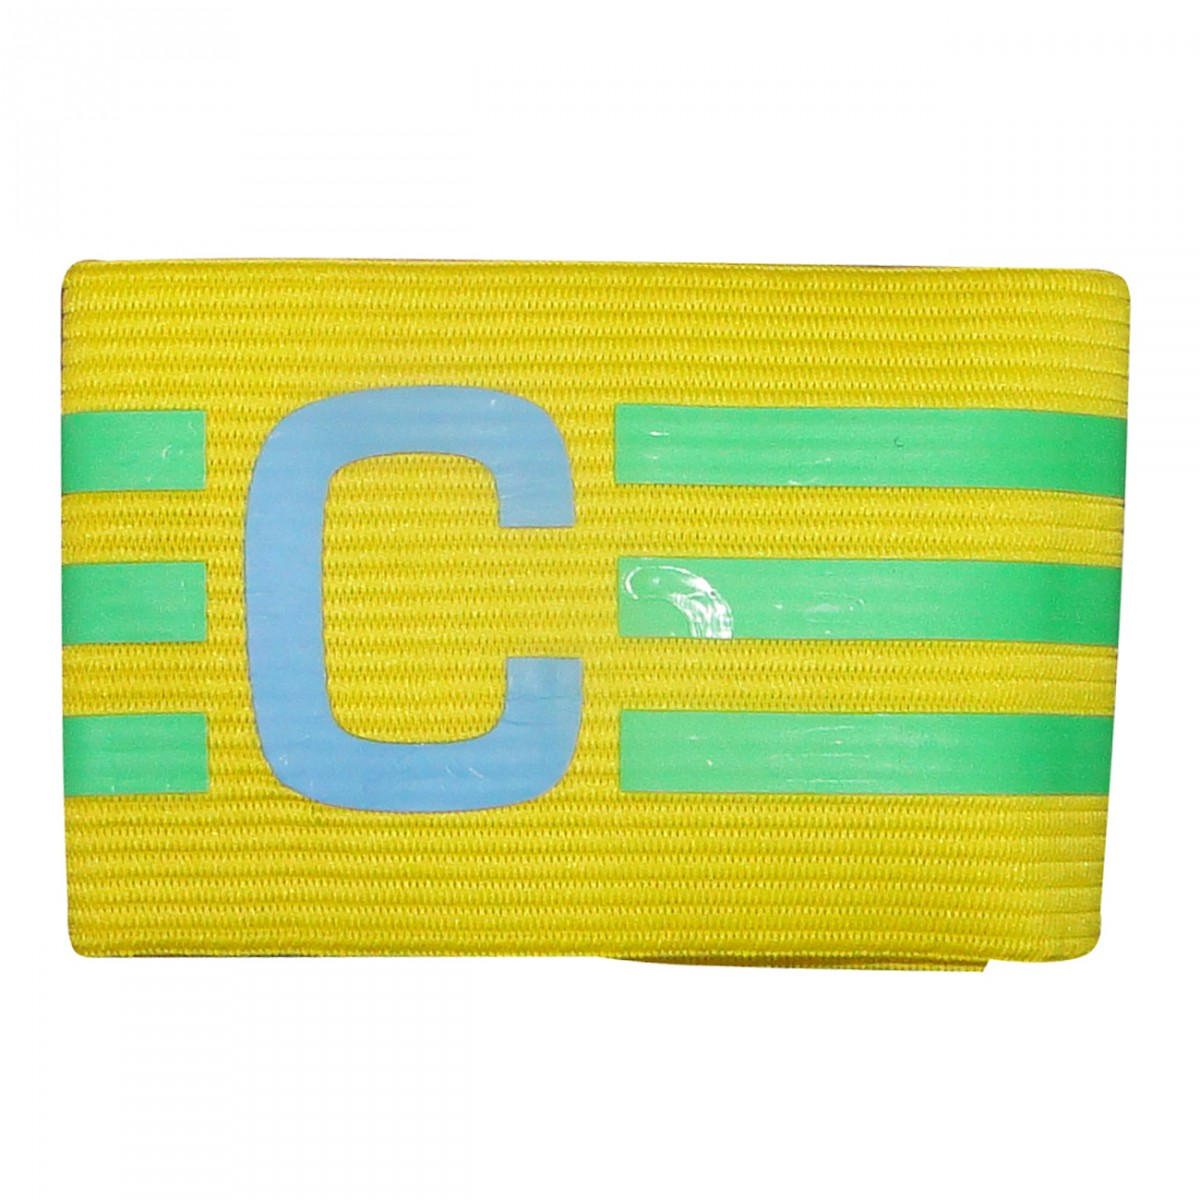 e55002e24609c Faixa Capitão Adidas Armband Z18326 - Amarelo/Verde - Chuteira Nike ...